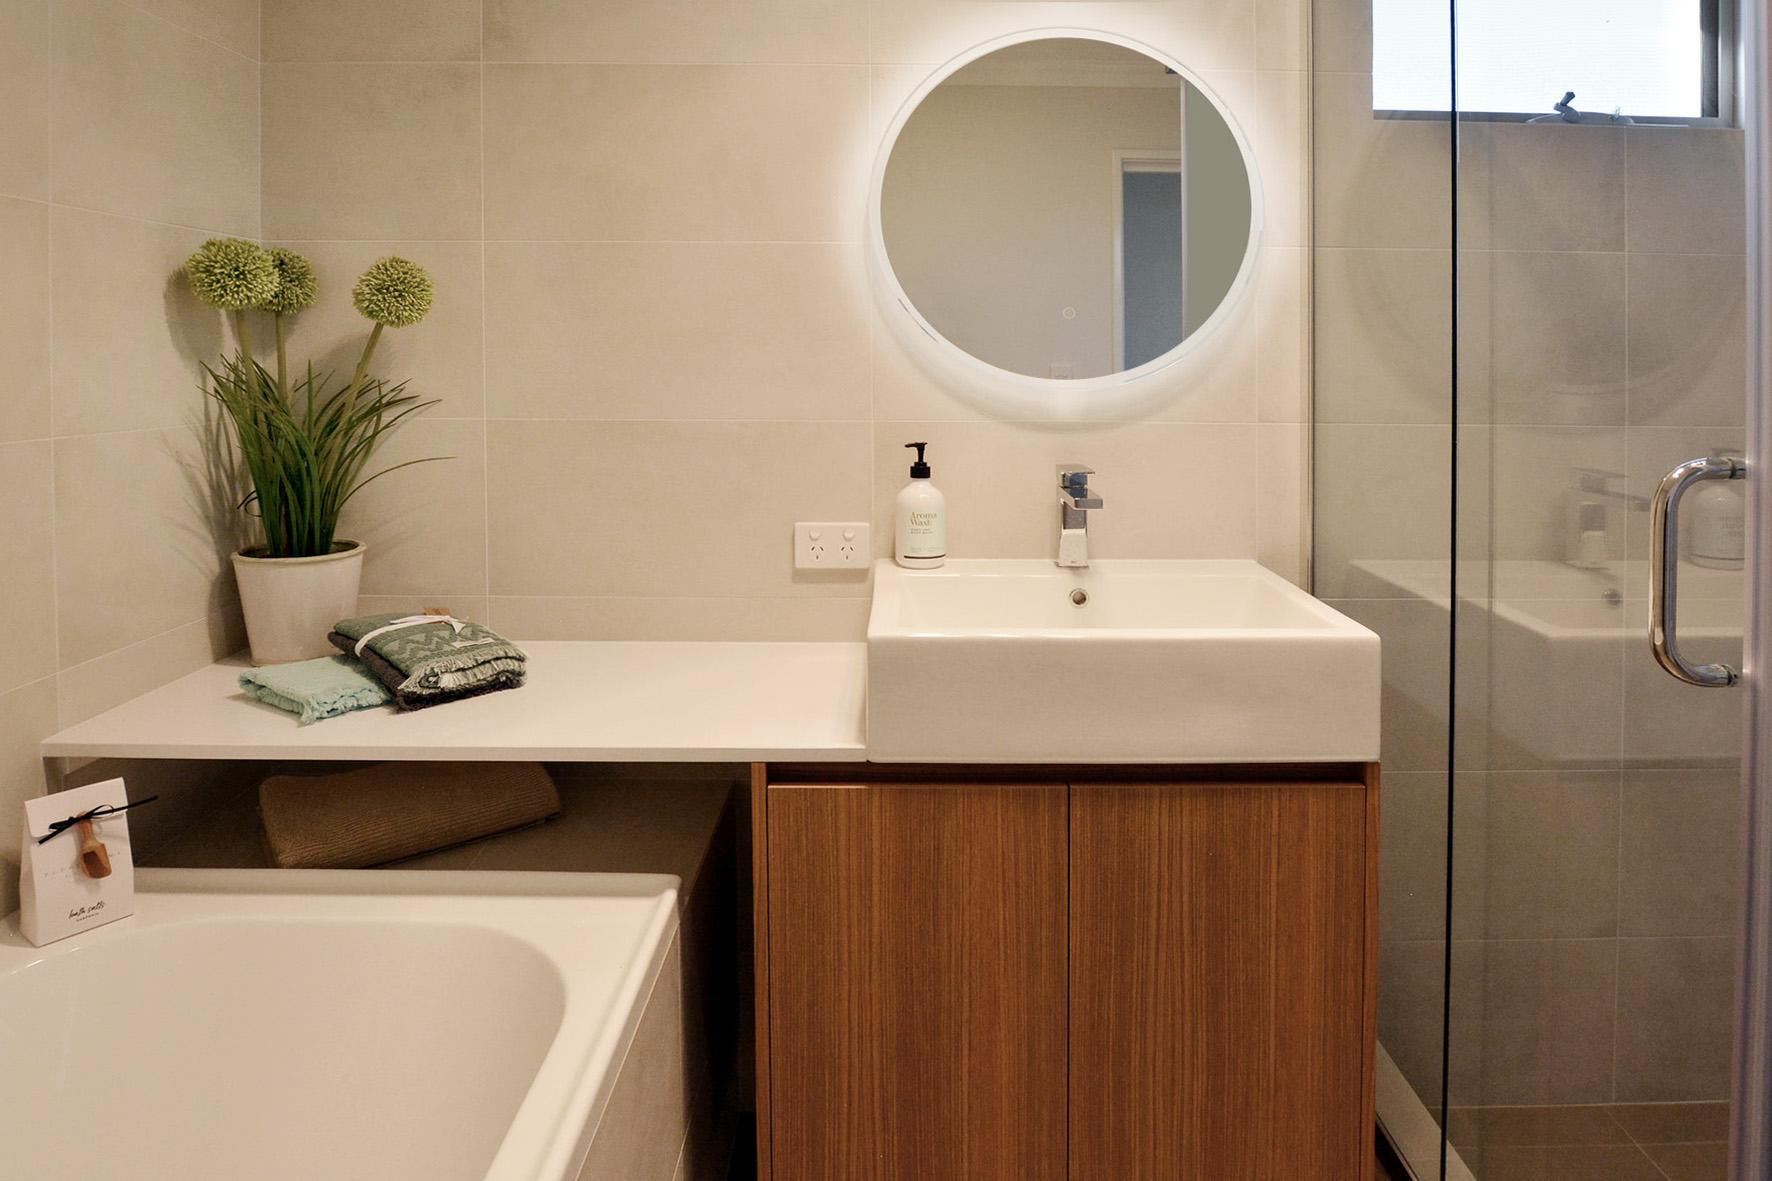 Bathroom1bglowsm